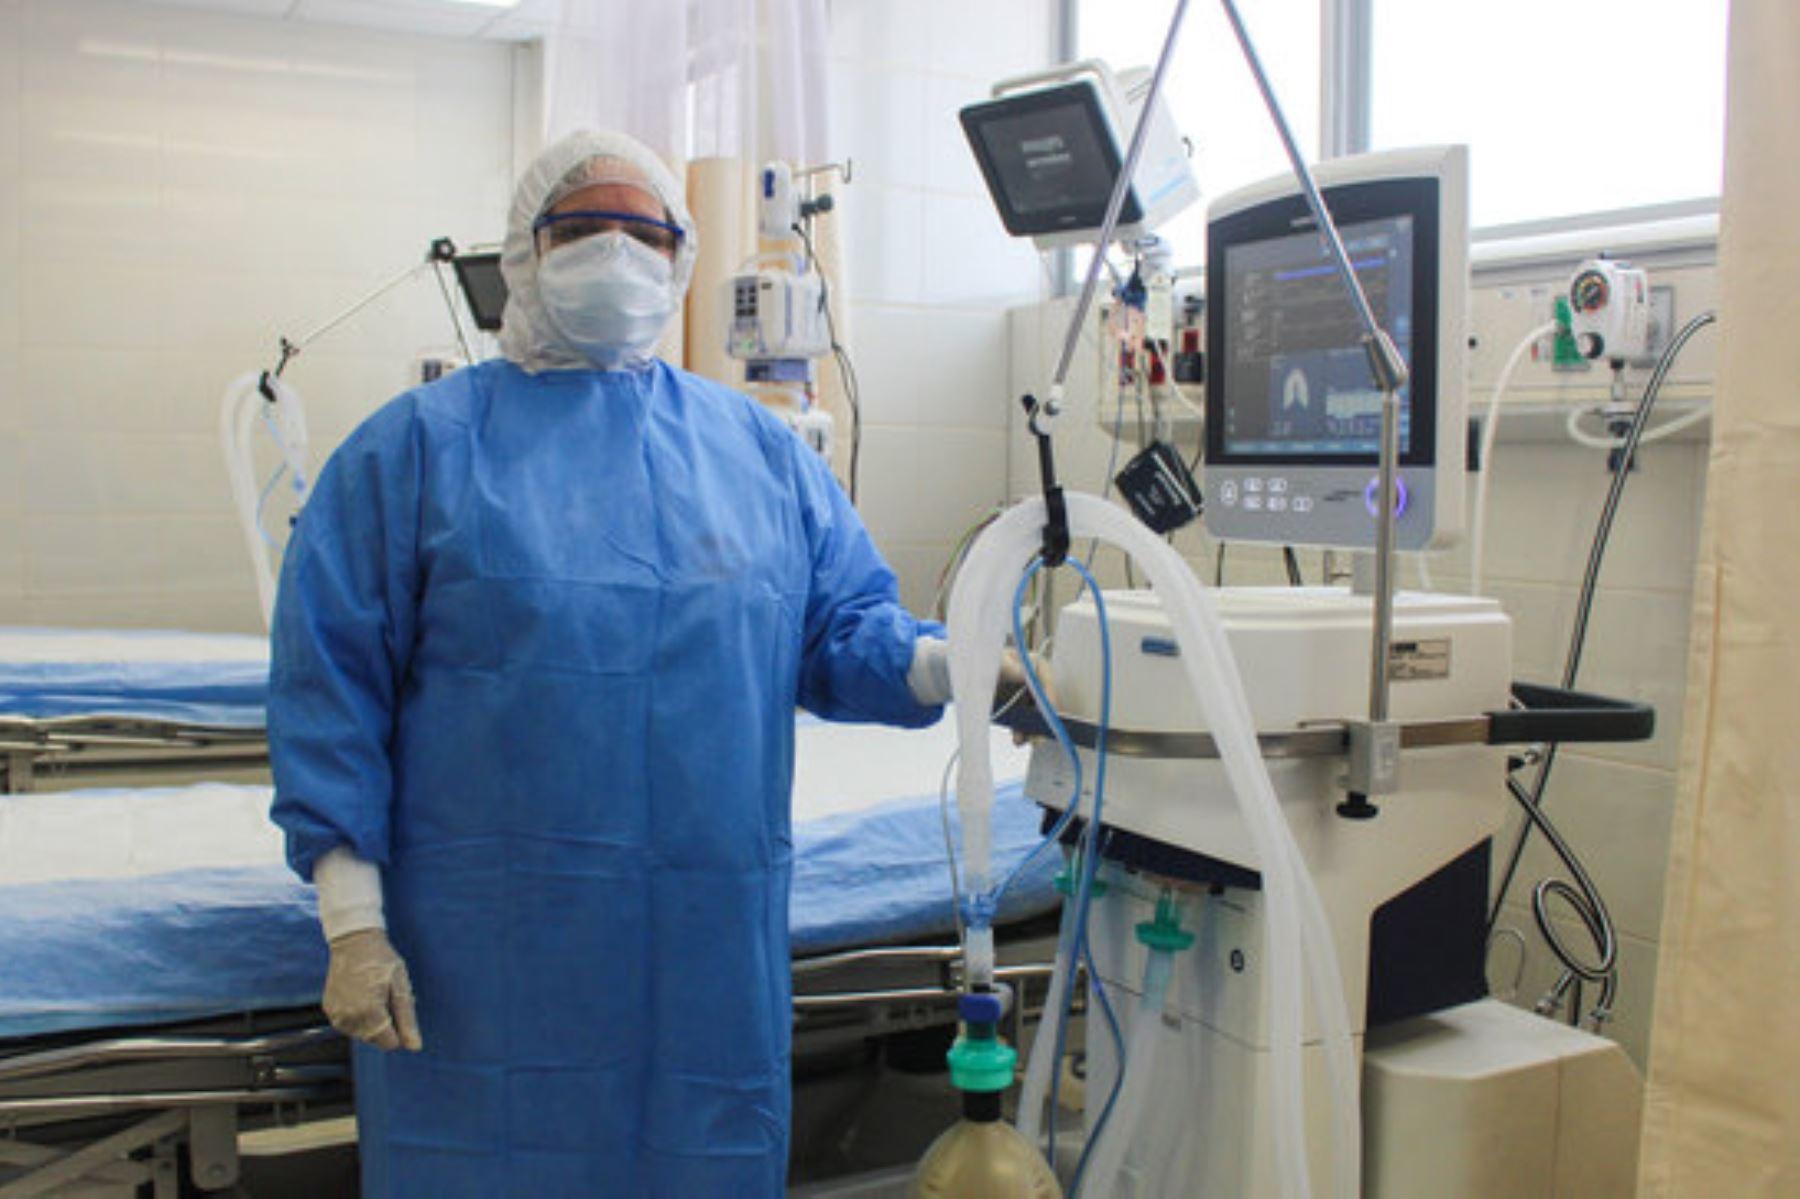 Dentro de las ventajas de realizar una traqueostomía quirúrgica es que disminuye y previene algunas secuelas y/o futuras complicaciones que pueden presentarse en él. por usar un ventilador mecánico durante tanto tiempo. ANDINA/Minsa